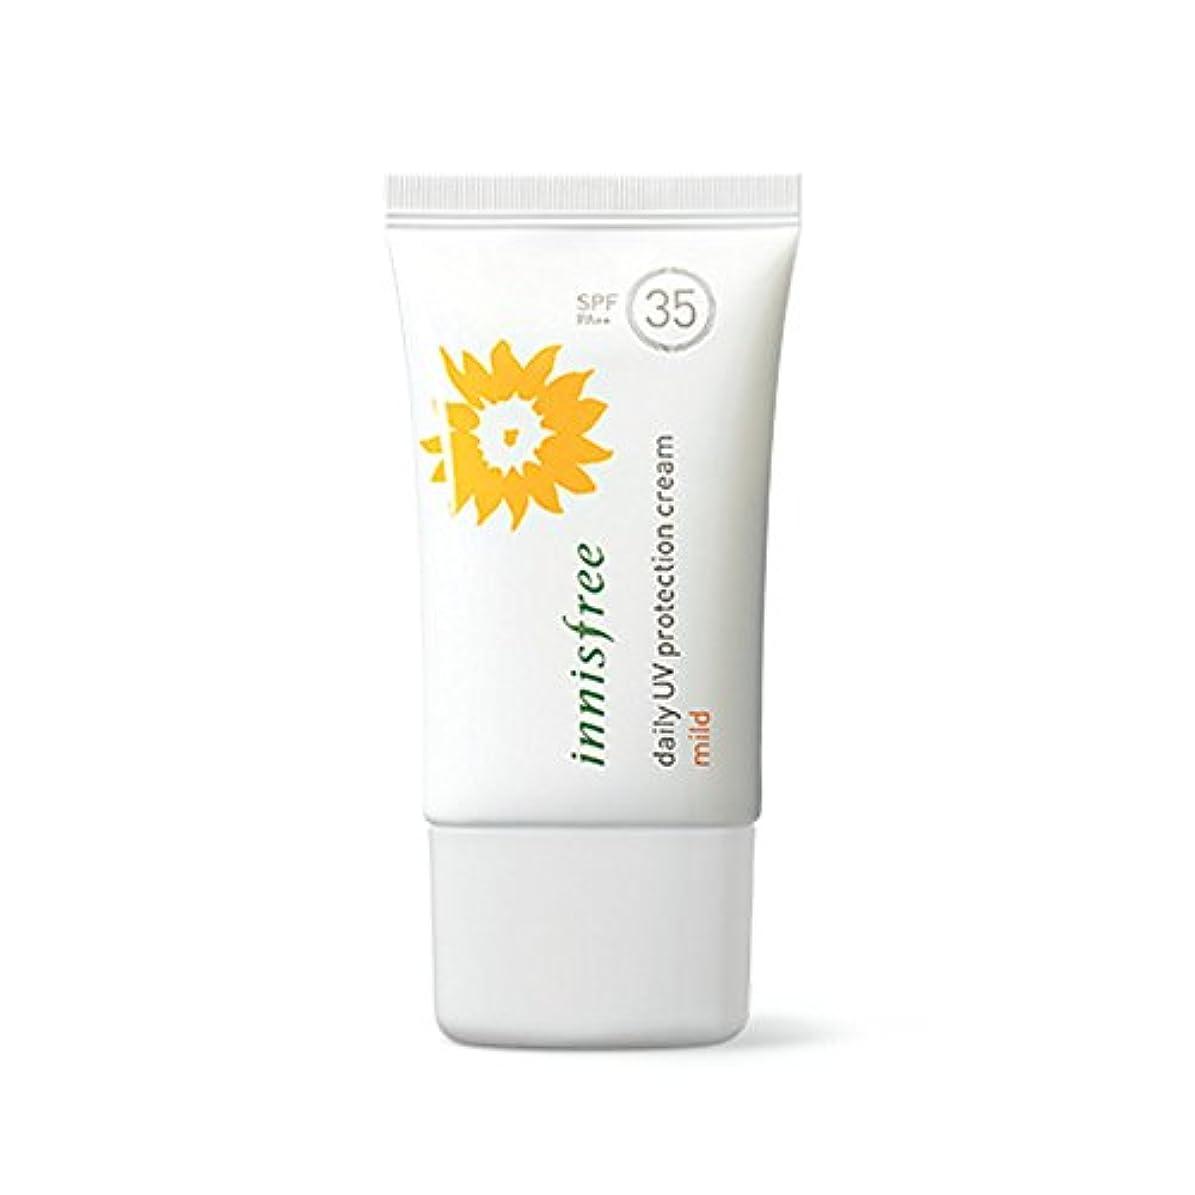 時計シャトル汗イニスフリーデイリーUVプロテクションクリーム50mlマイルドSPF35 + PA ++ Innisfree Daily UV Protection Cream 50ml Mild SPF35+ PA++ [海外直送品]...